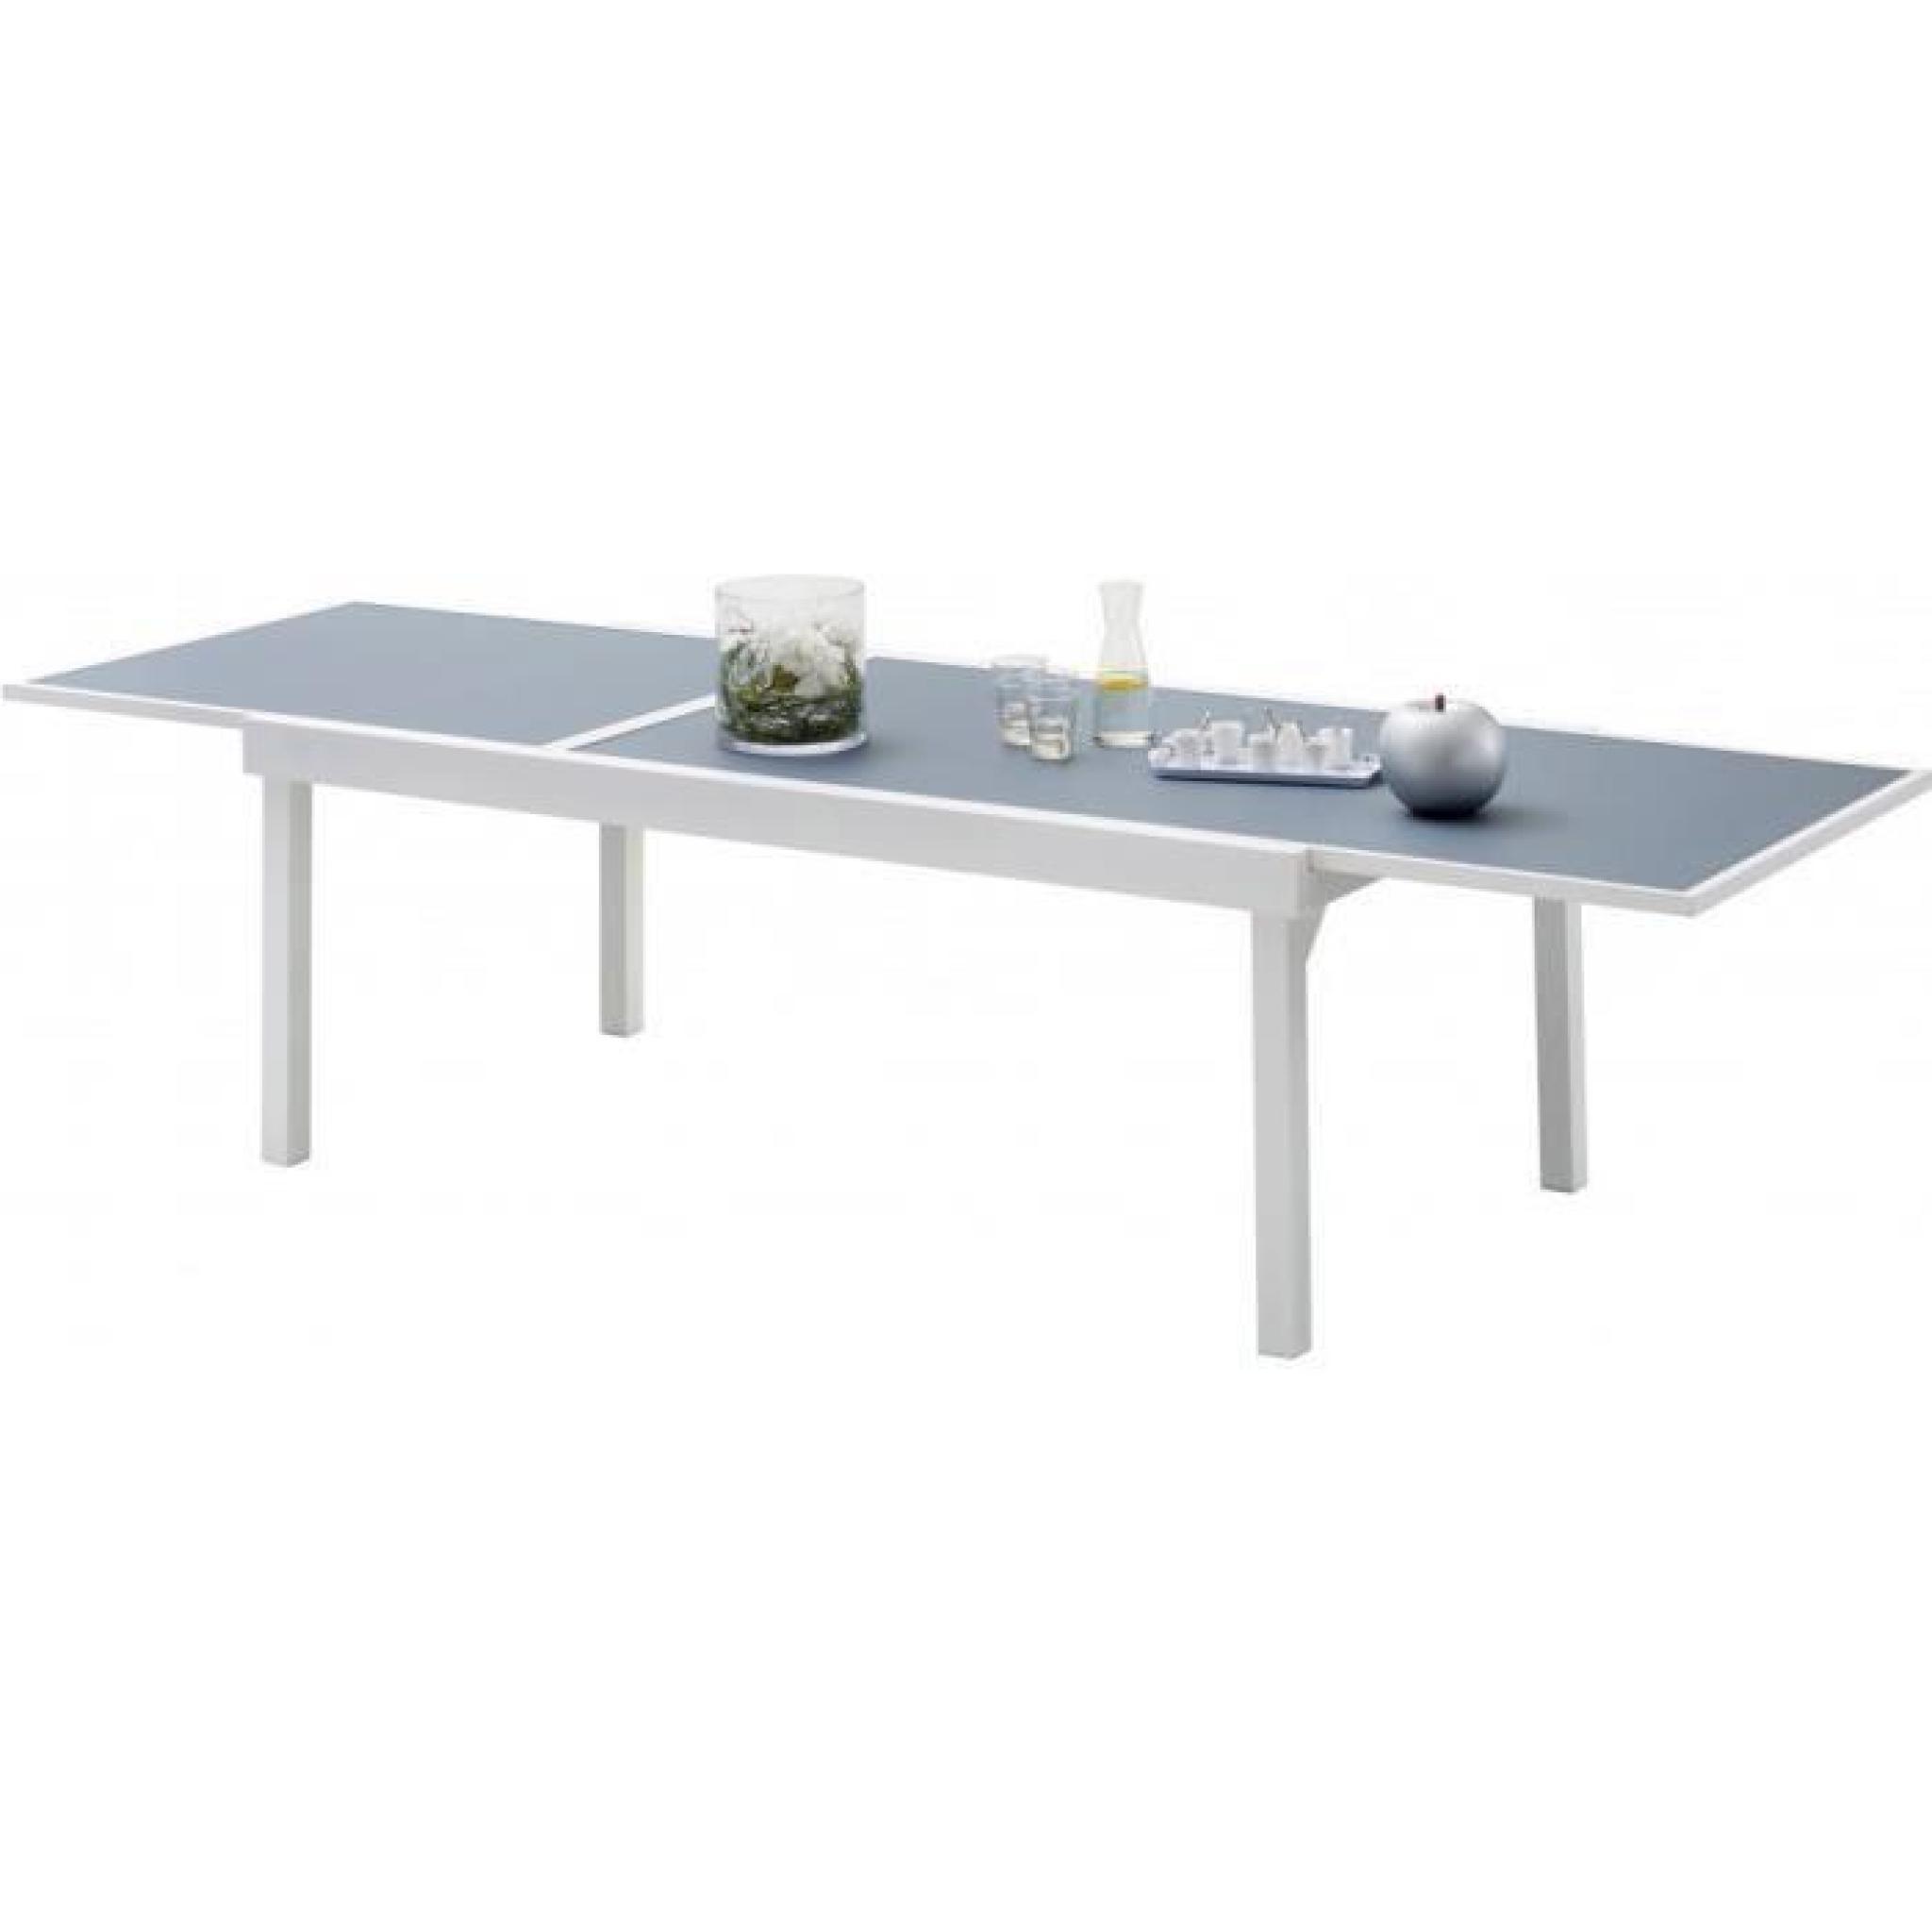 Table De Jardin Rectangulaire Extensible Aluminium Blanc Et Verre Trempé  Gris L135 dedans Tables De Jardin Pas Cher